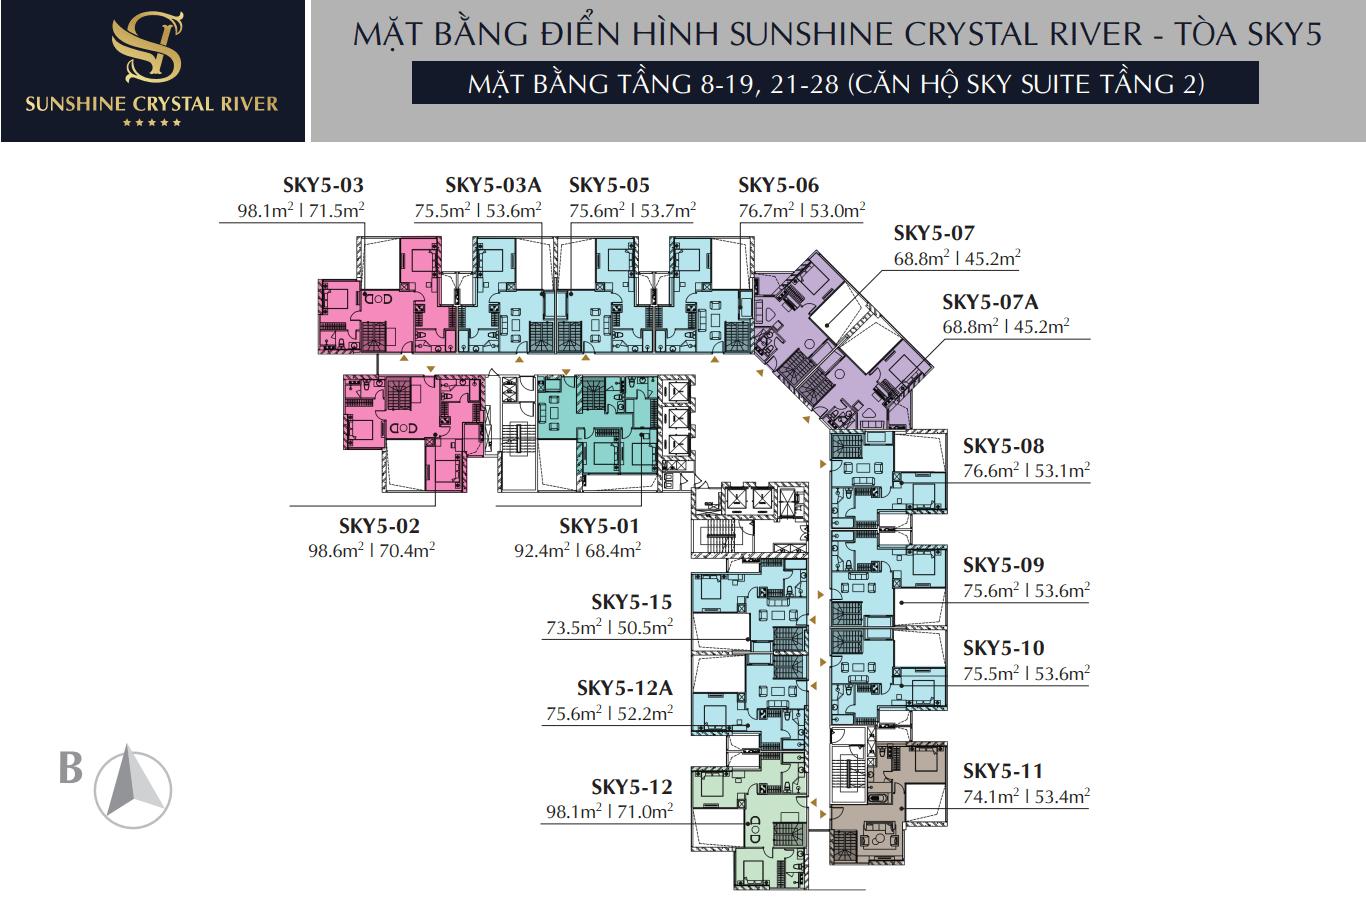 Mặt bằng tầng 8 - 19, 21 - 28 căn hộ Sky Suite Tầng 2 - Tòa Sky 5 Sunshine Crystal River